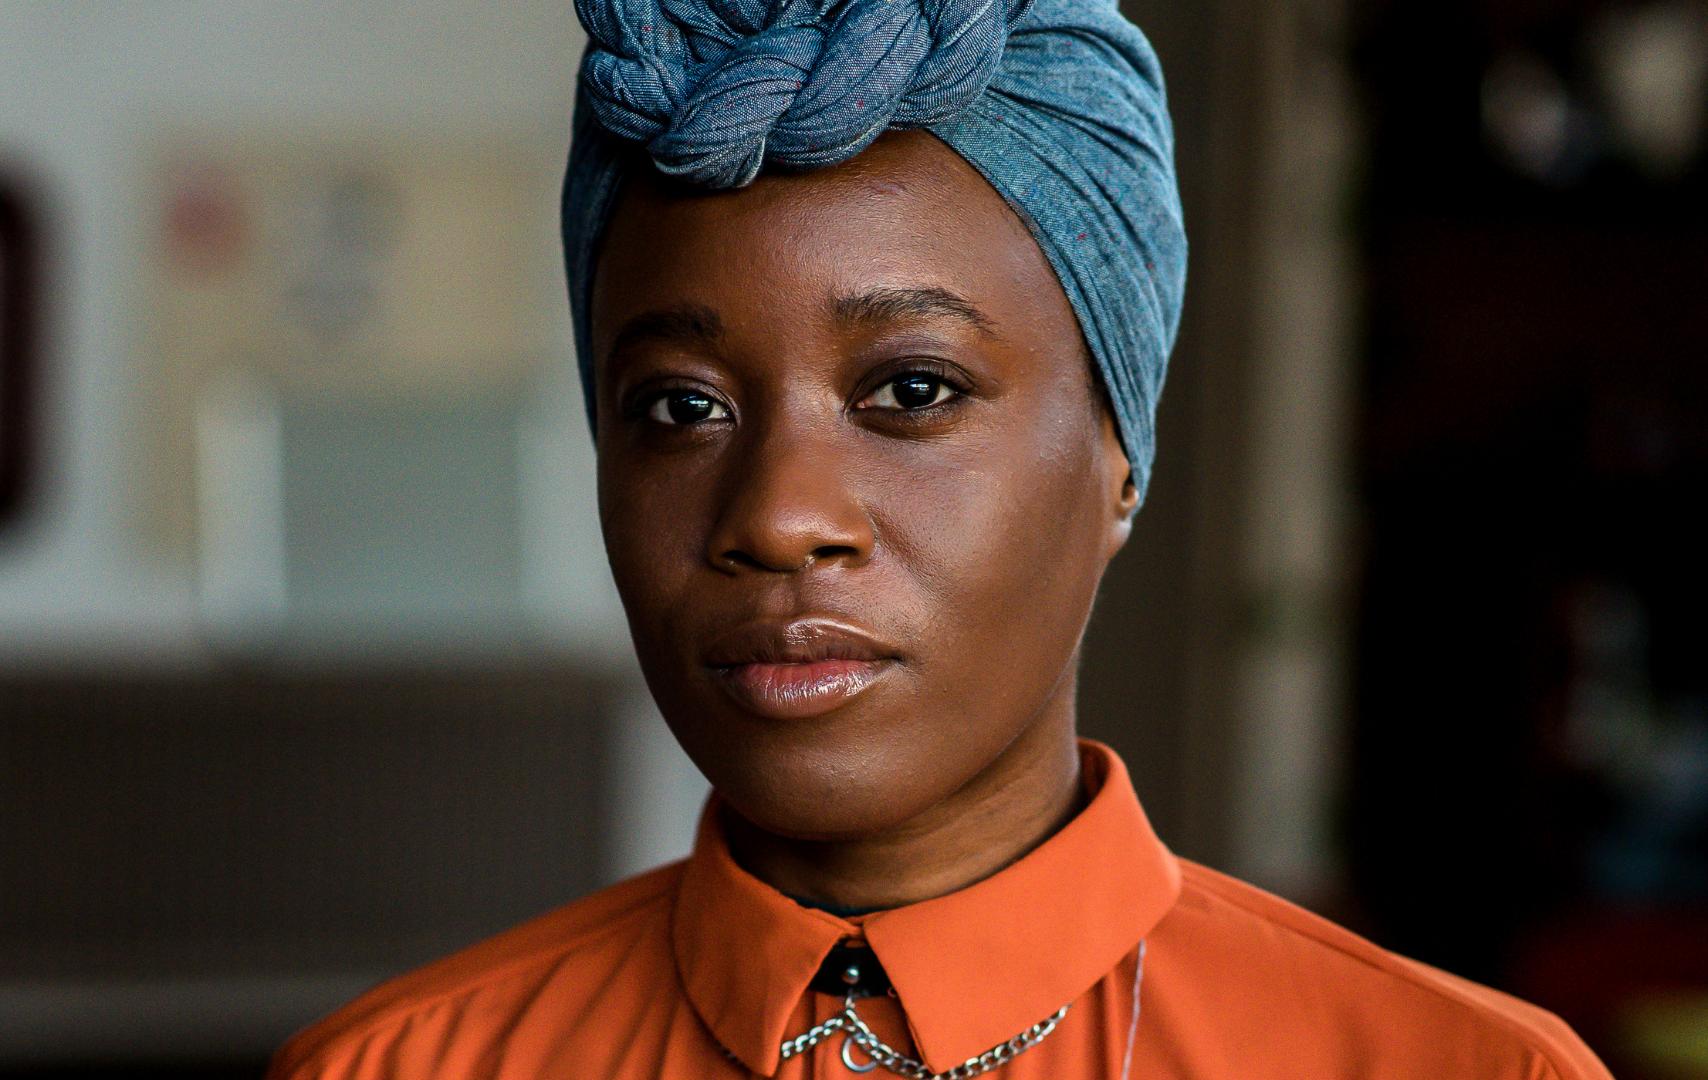 Portretfoto van Michantely de Jong. Een zwarte vrouw met een blauwe hoofddoek op. Ze draagt een oranje blouse.